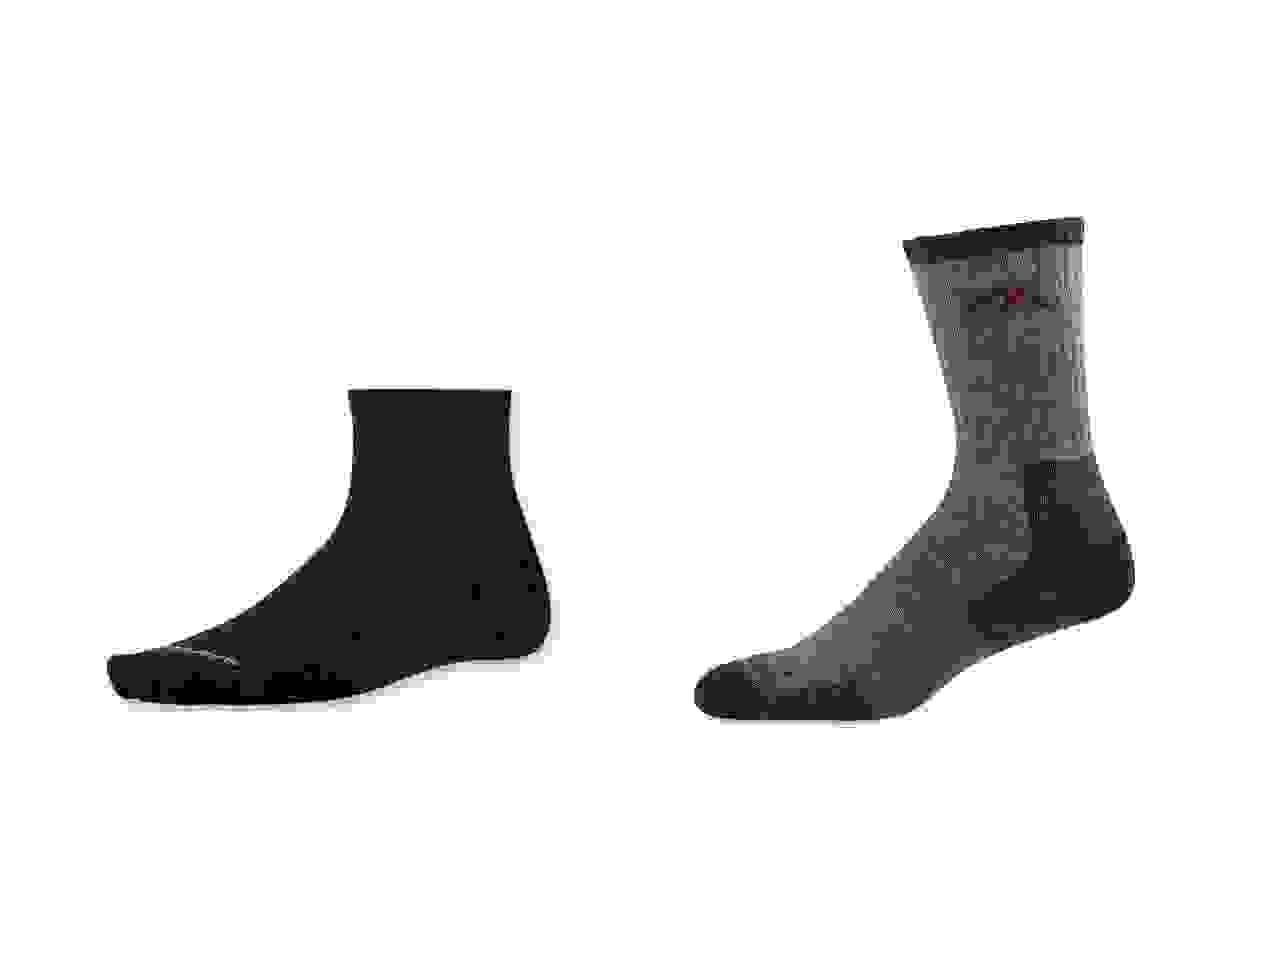 Best Travel Socks Material